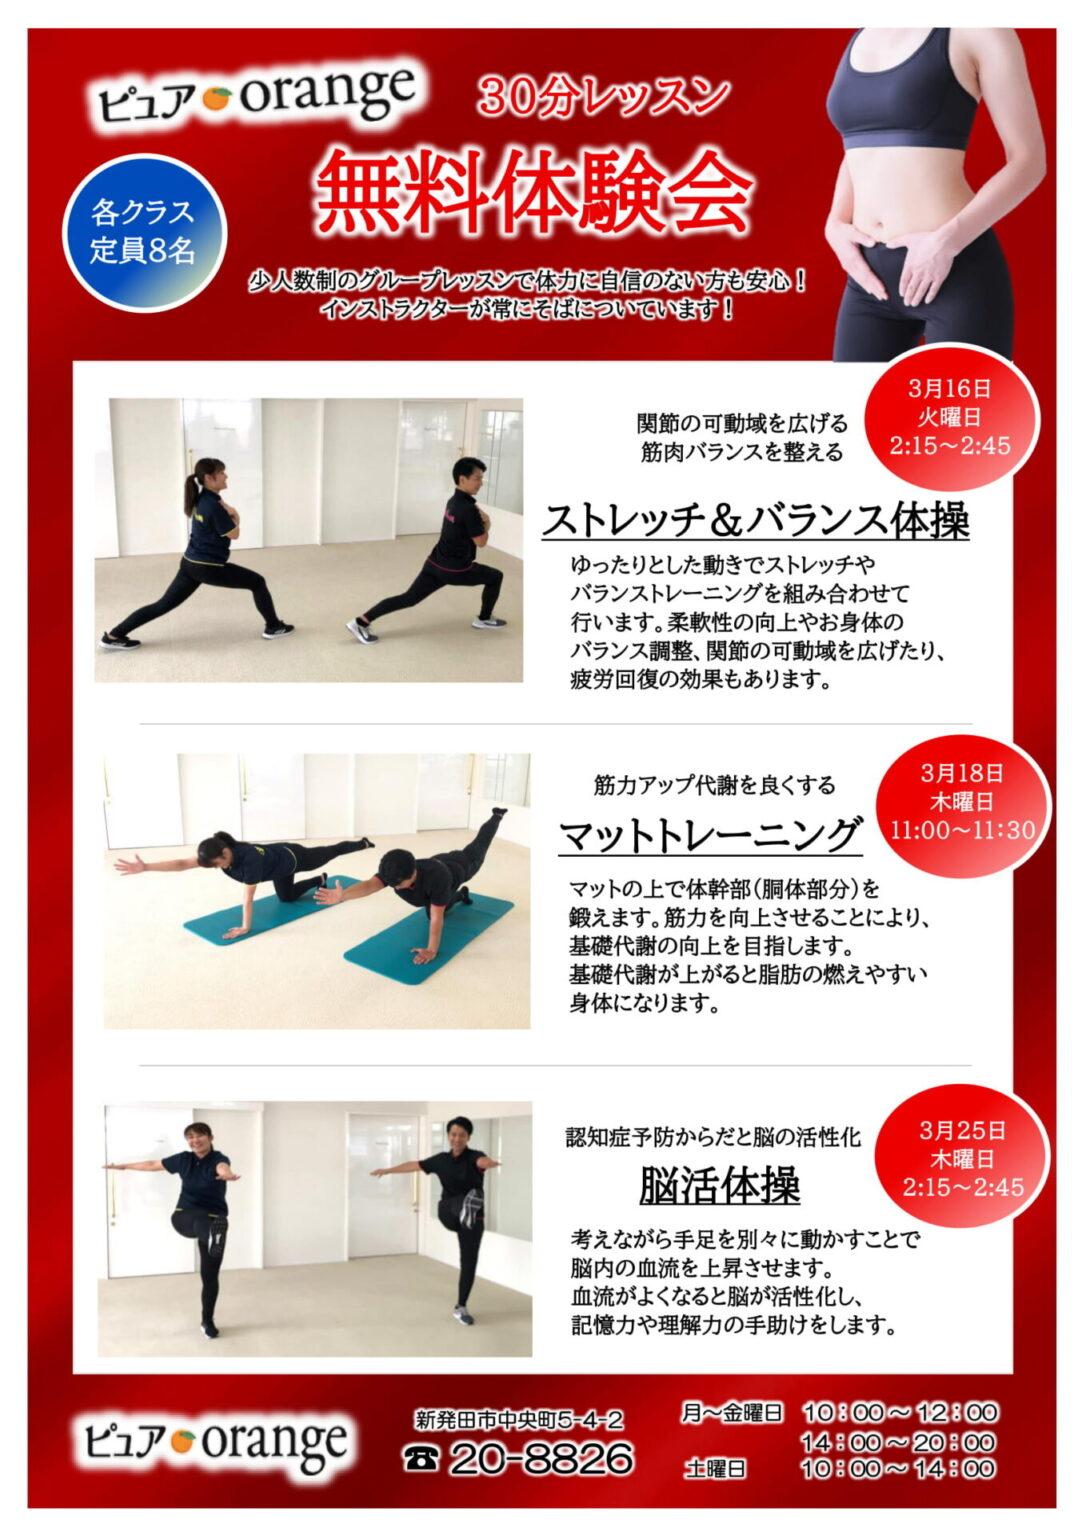 30分レッスン 無料体験会|新発田市のフィットネス ピュアオレンジ